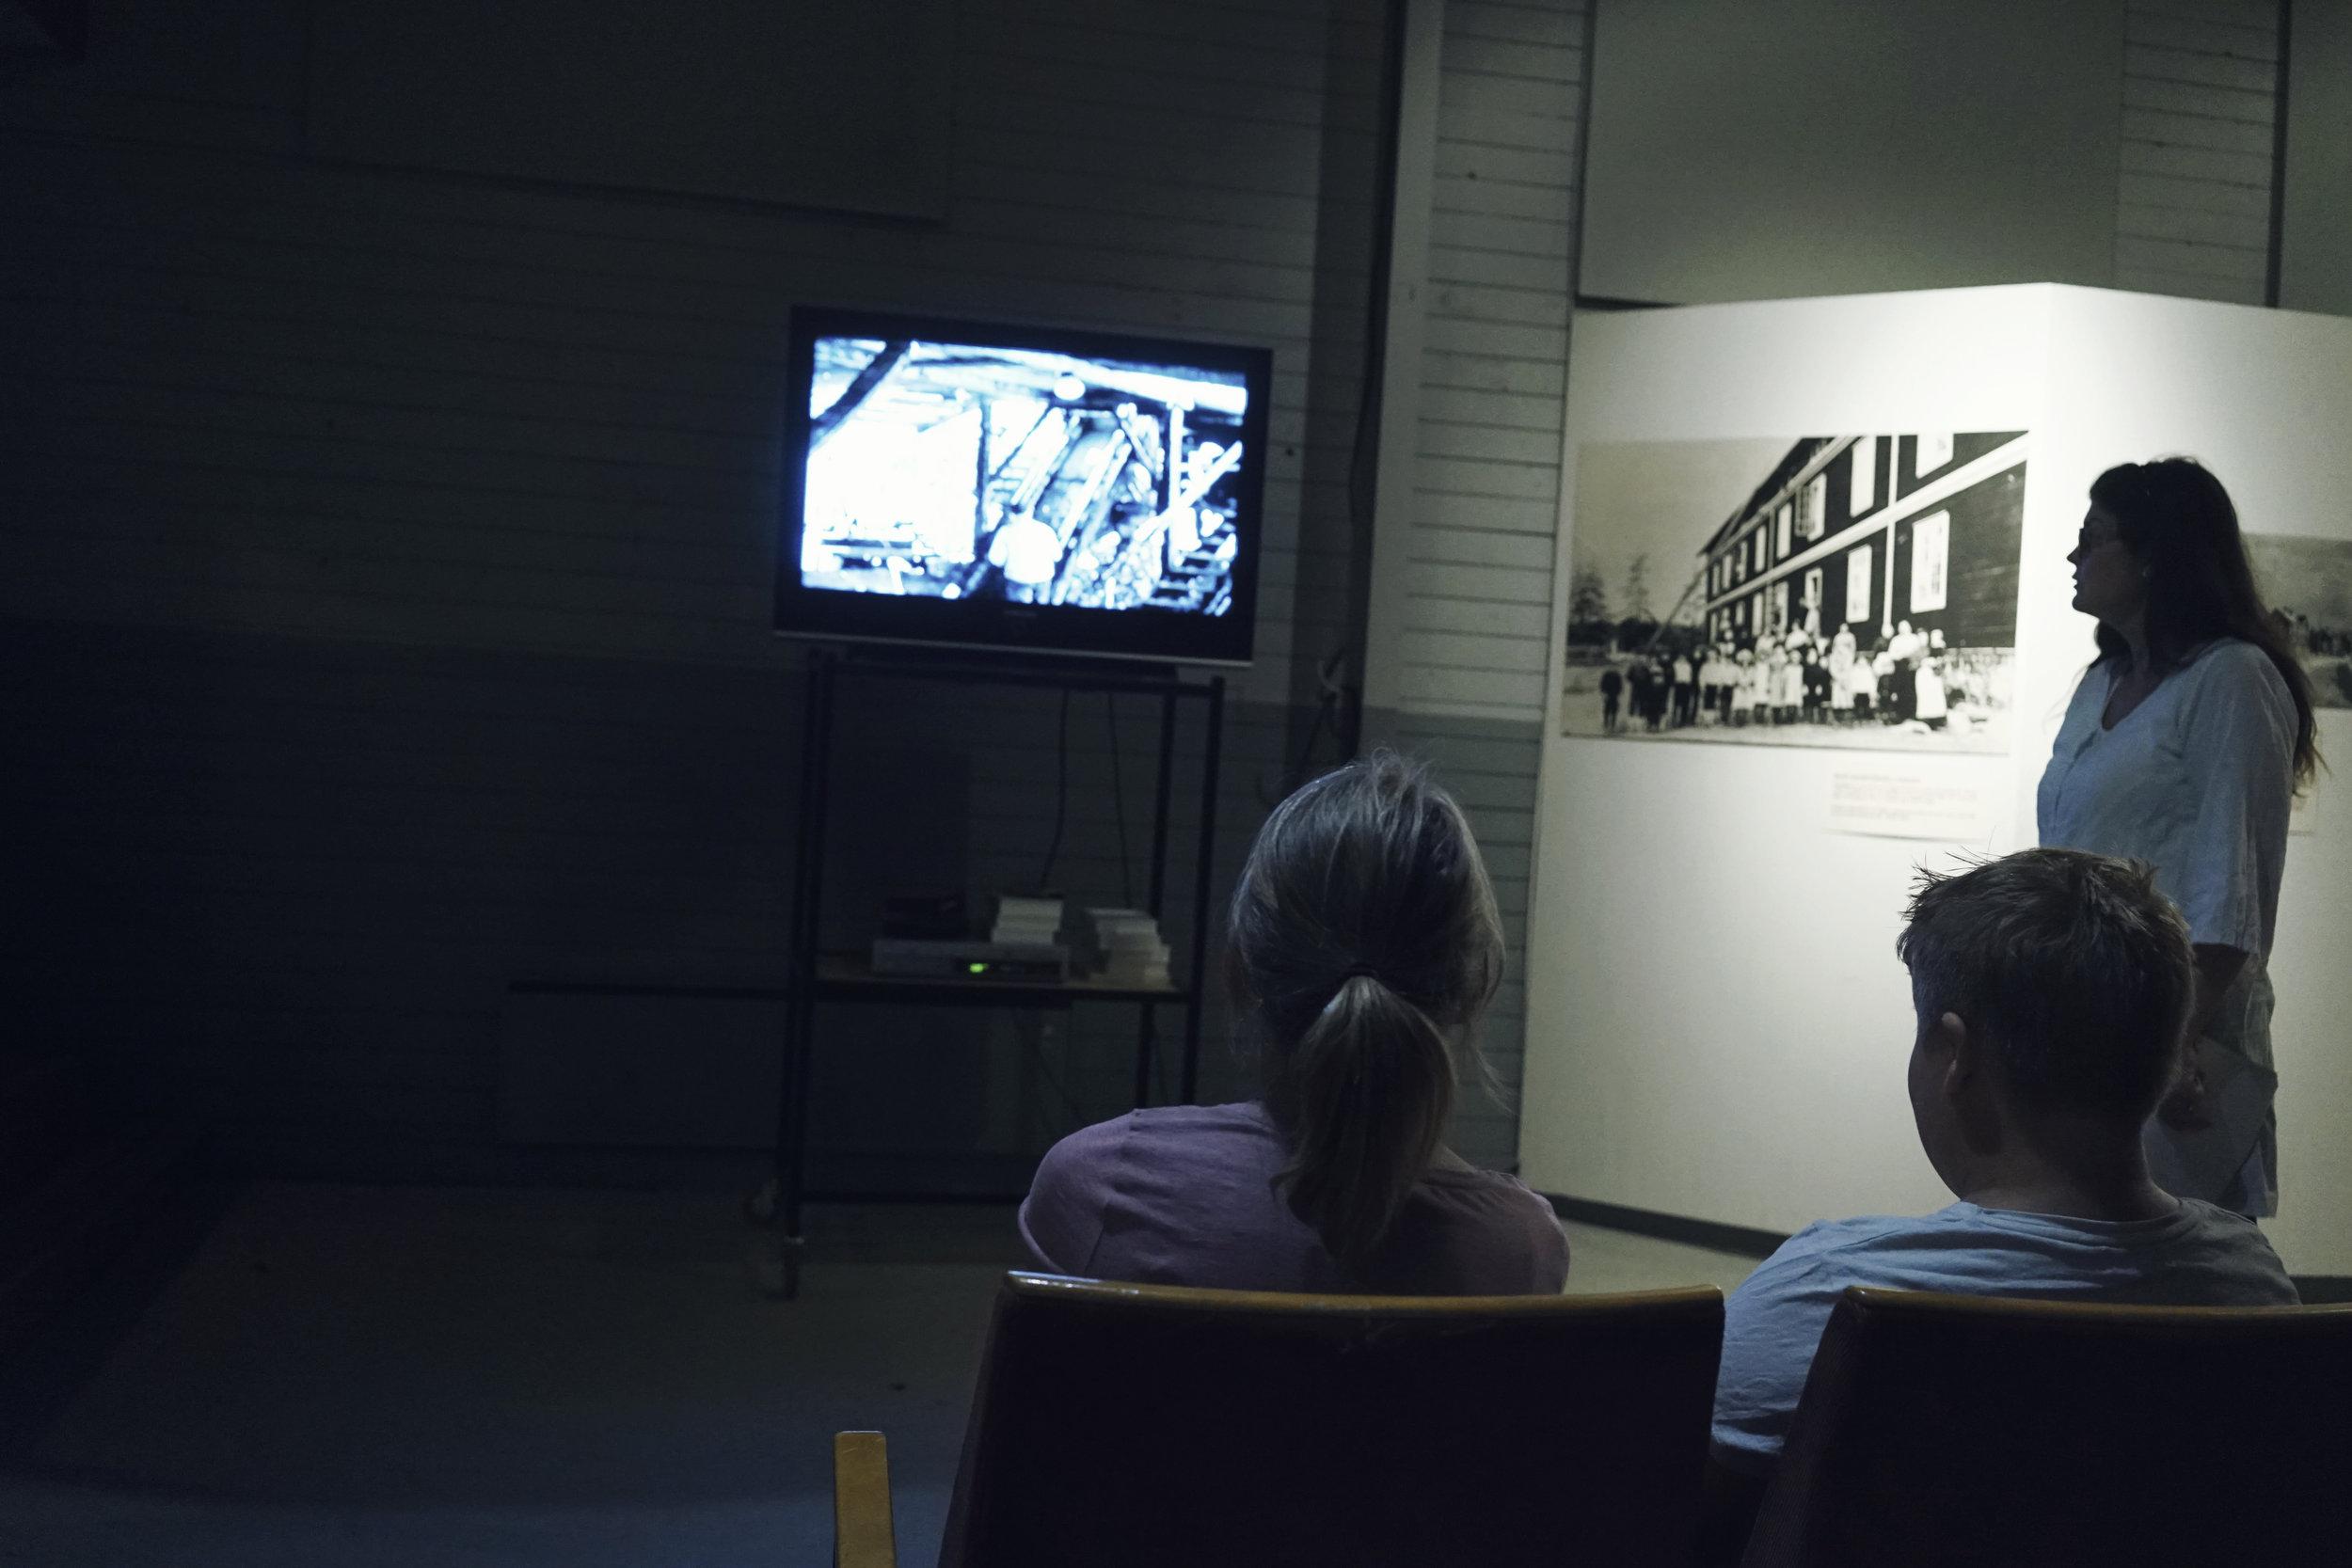 Kom och titta på filmen från Järnverket, filmat år 1953